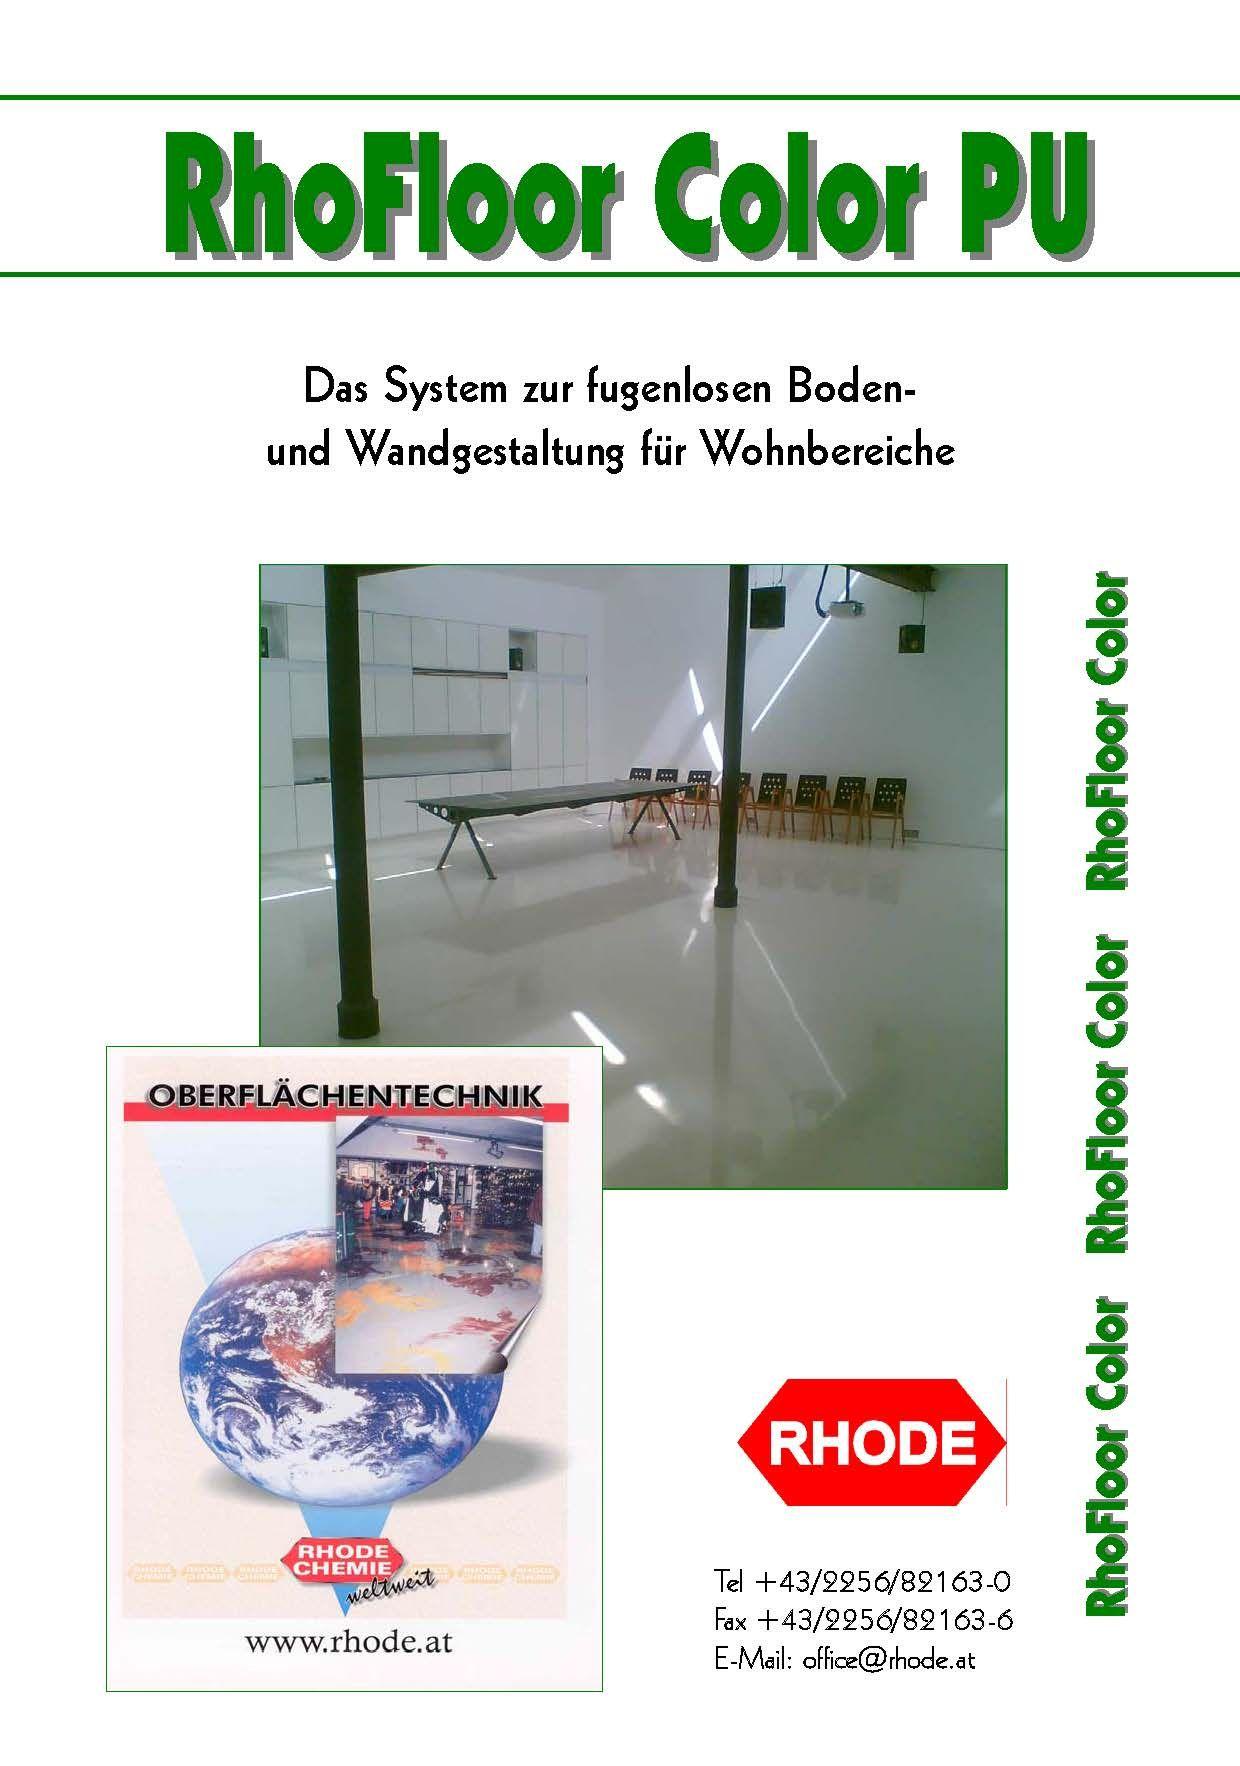 RhoFloor Color PU   Rhode Oberflächentechnik   Oberflächentechnik ...